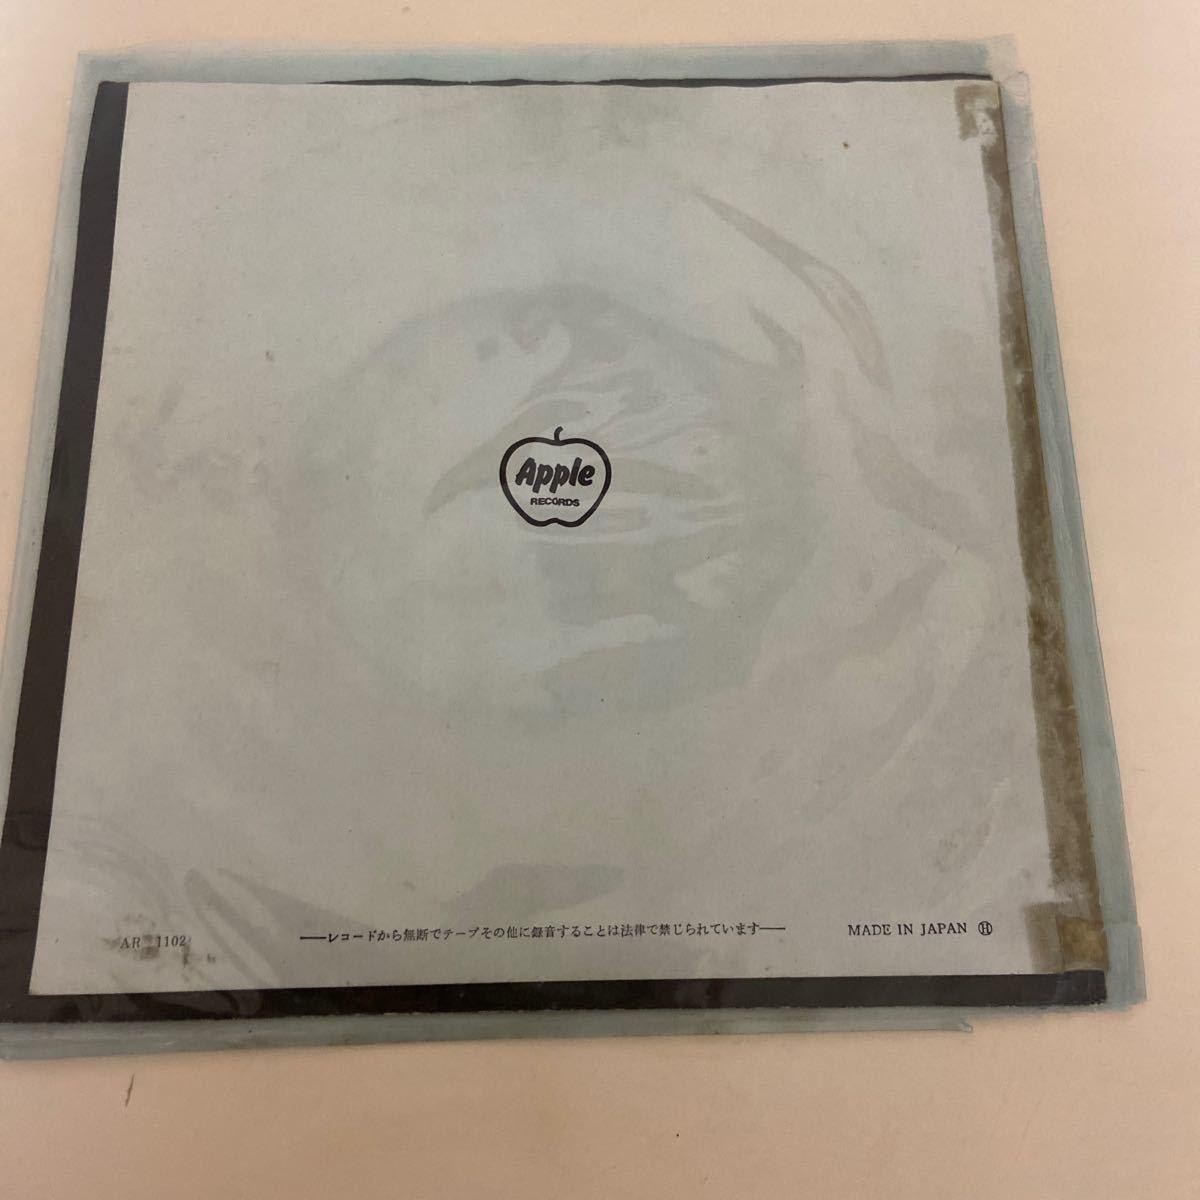 ビートルズ プリーズ・ミスター・ポストマン THE BEATLES レコード